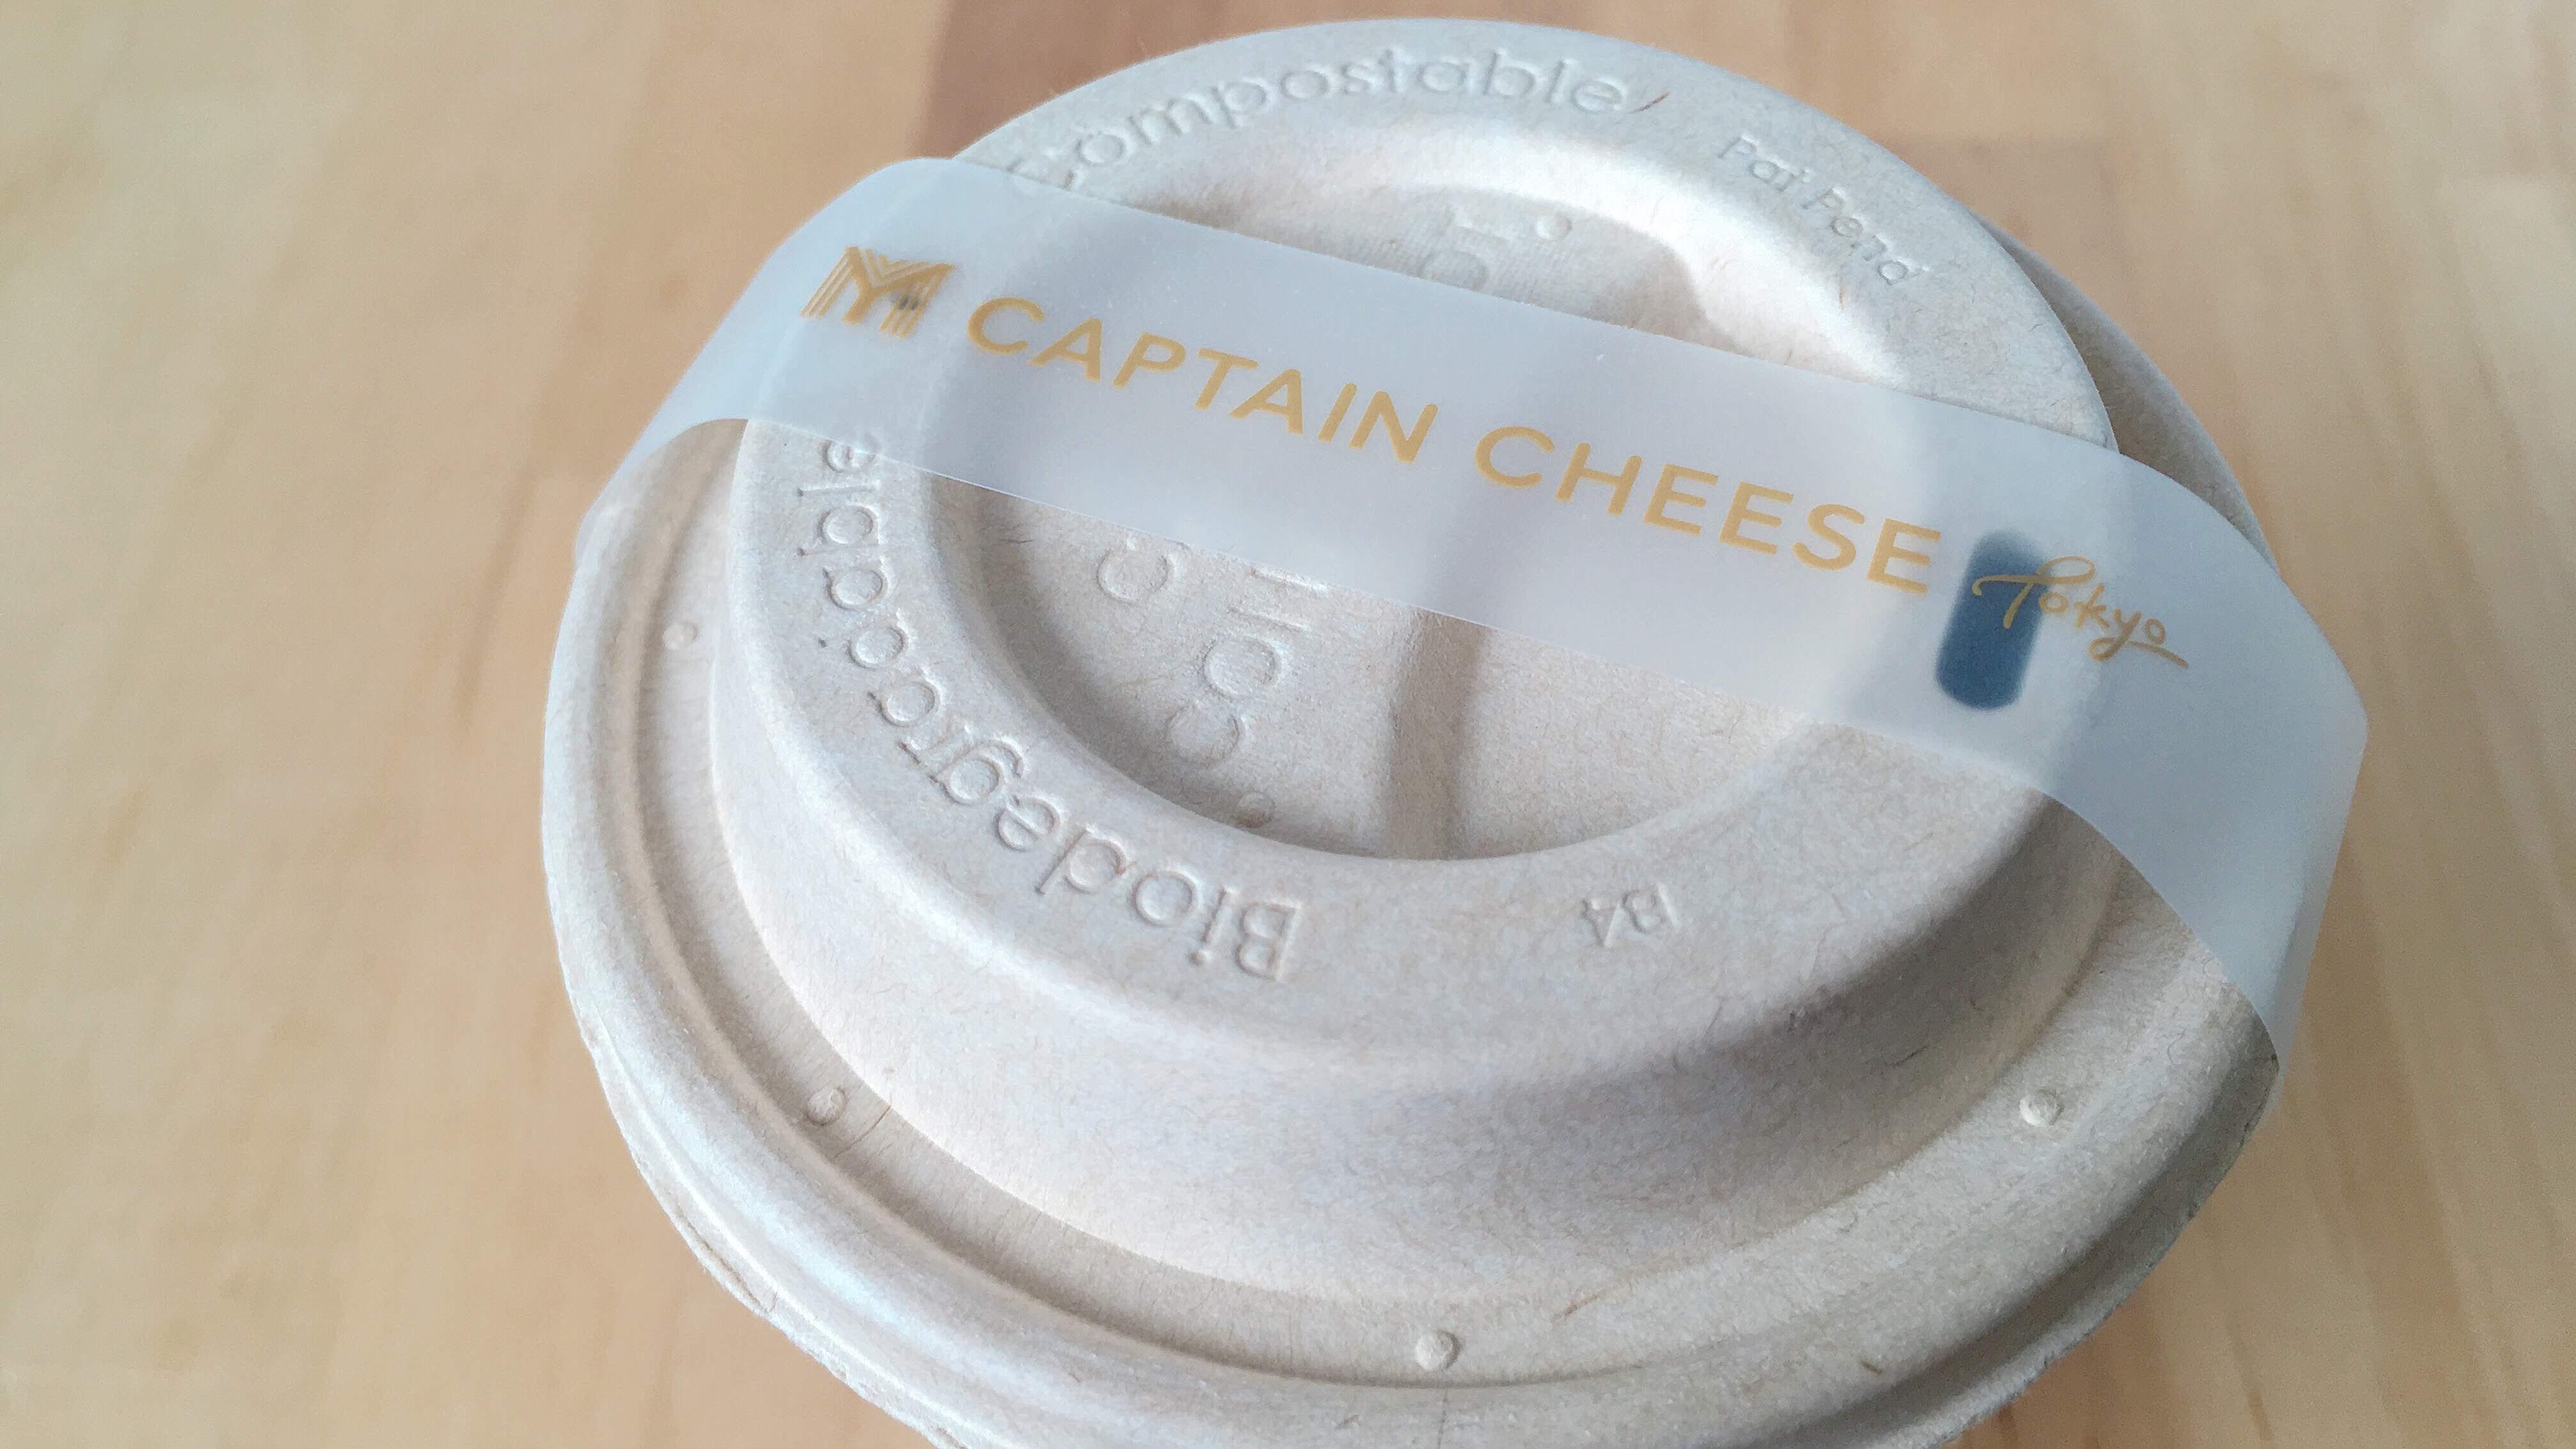 キャプテンチーズセットのタンブラー型のパッケージのふた